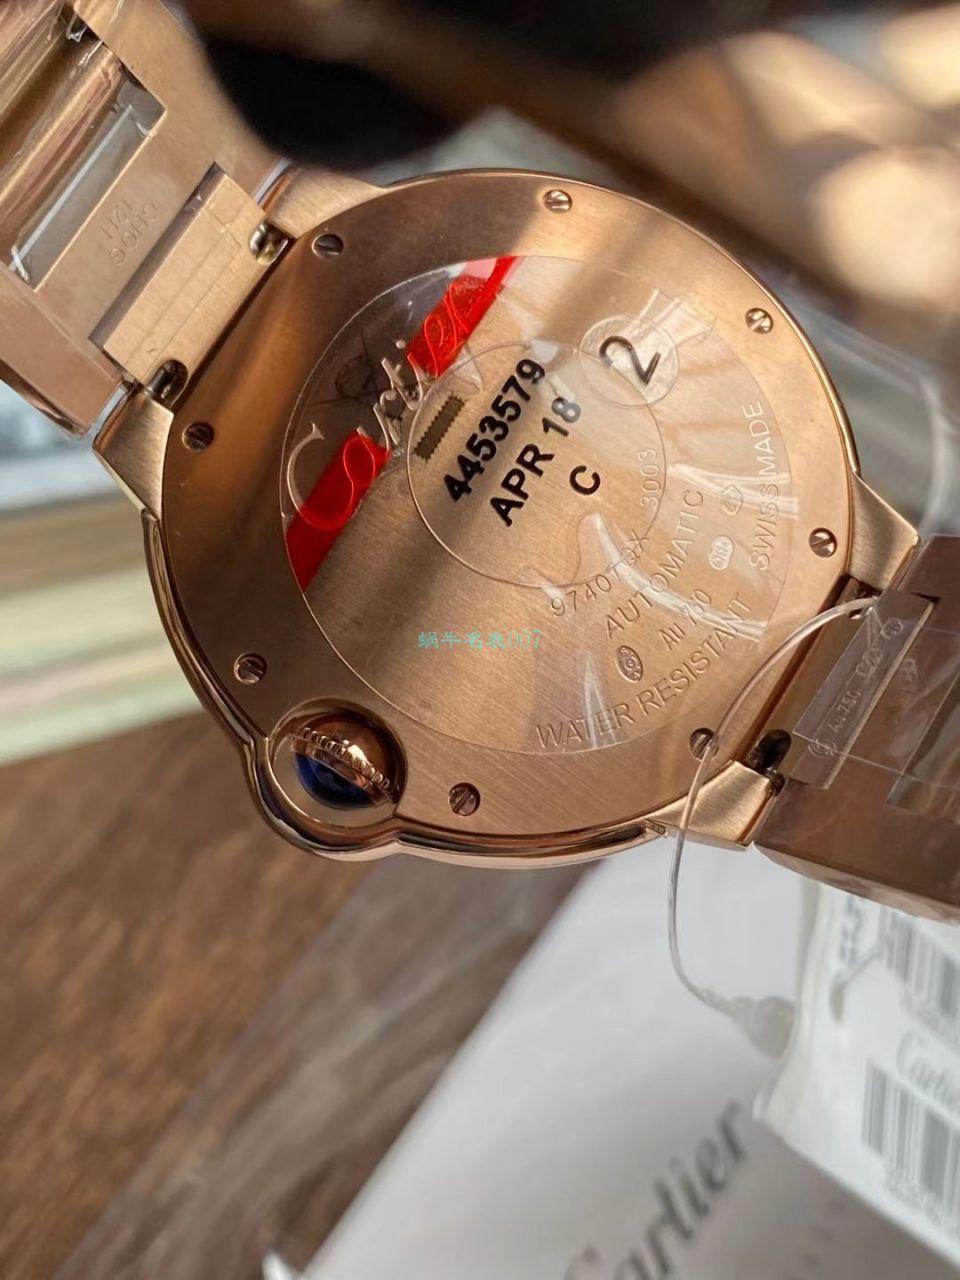 V6厂卡地亚蓝气球36毫米女装一比一顶级精仿WJBB0037腕表 / K328